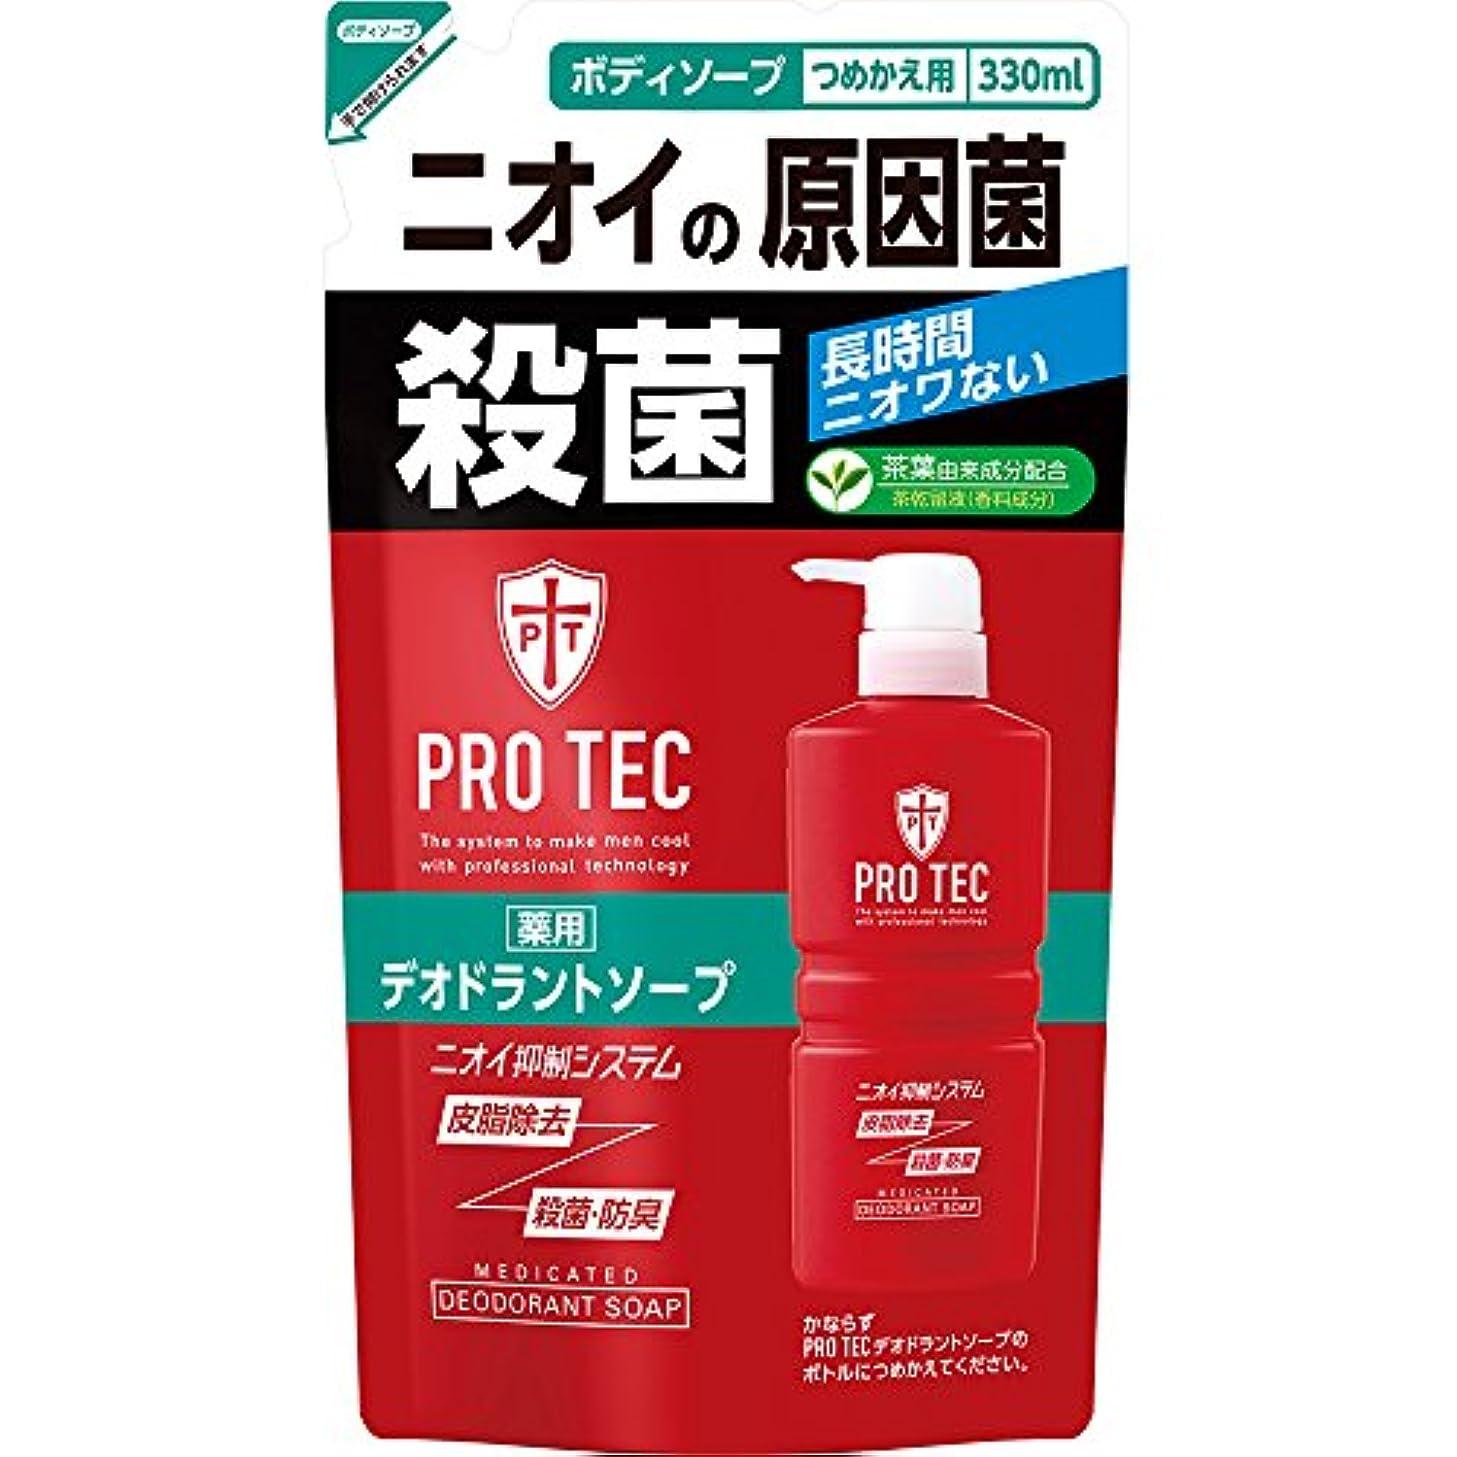 モデレータ風が強いマスクPRO TEC(プロテク) デオドラントソープ 詰め替え 330ml(医薬部外品)